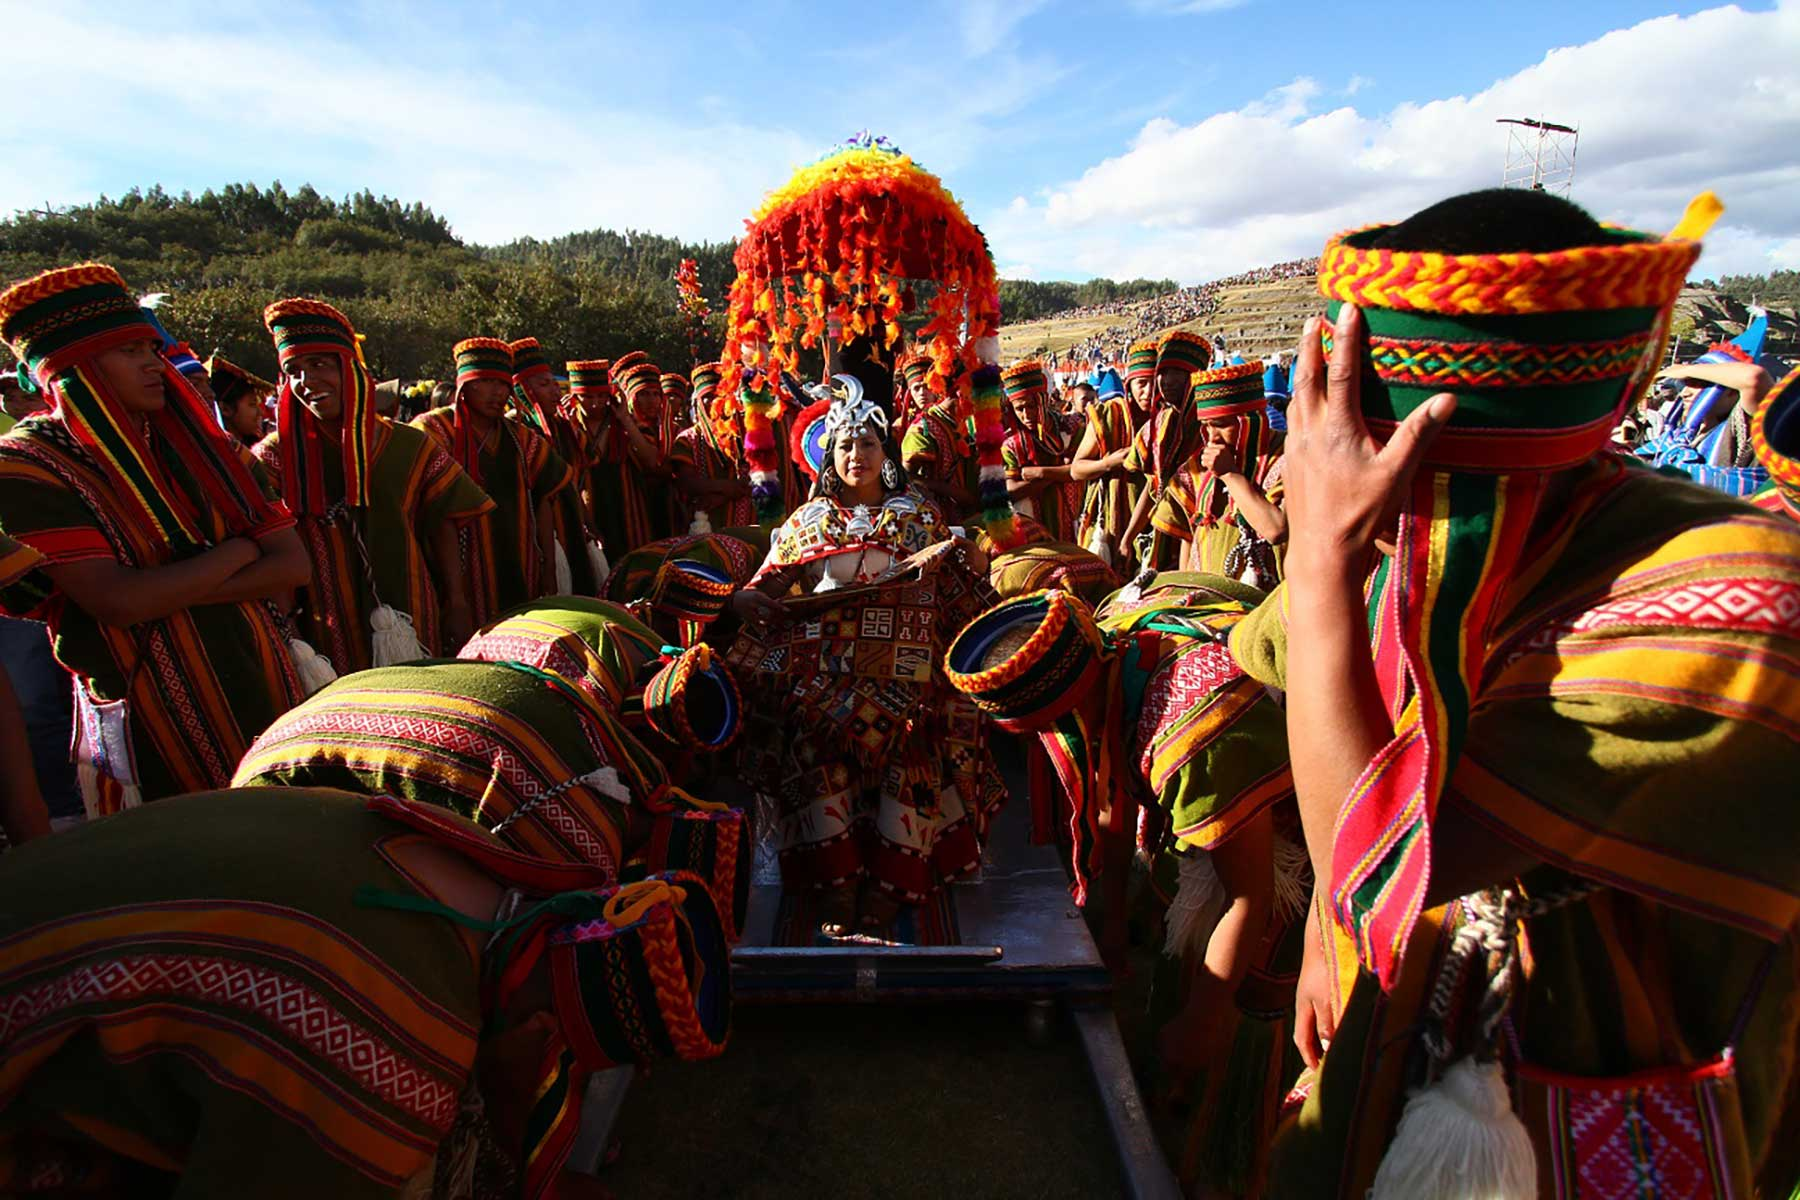 La coya o consorte principal del máximo gobernante del Tahuantinsuyo lo acompaña en cada momento de la evocación del Inti Raymi.